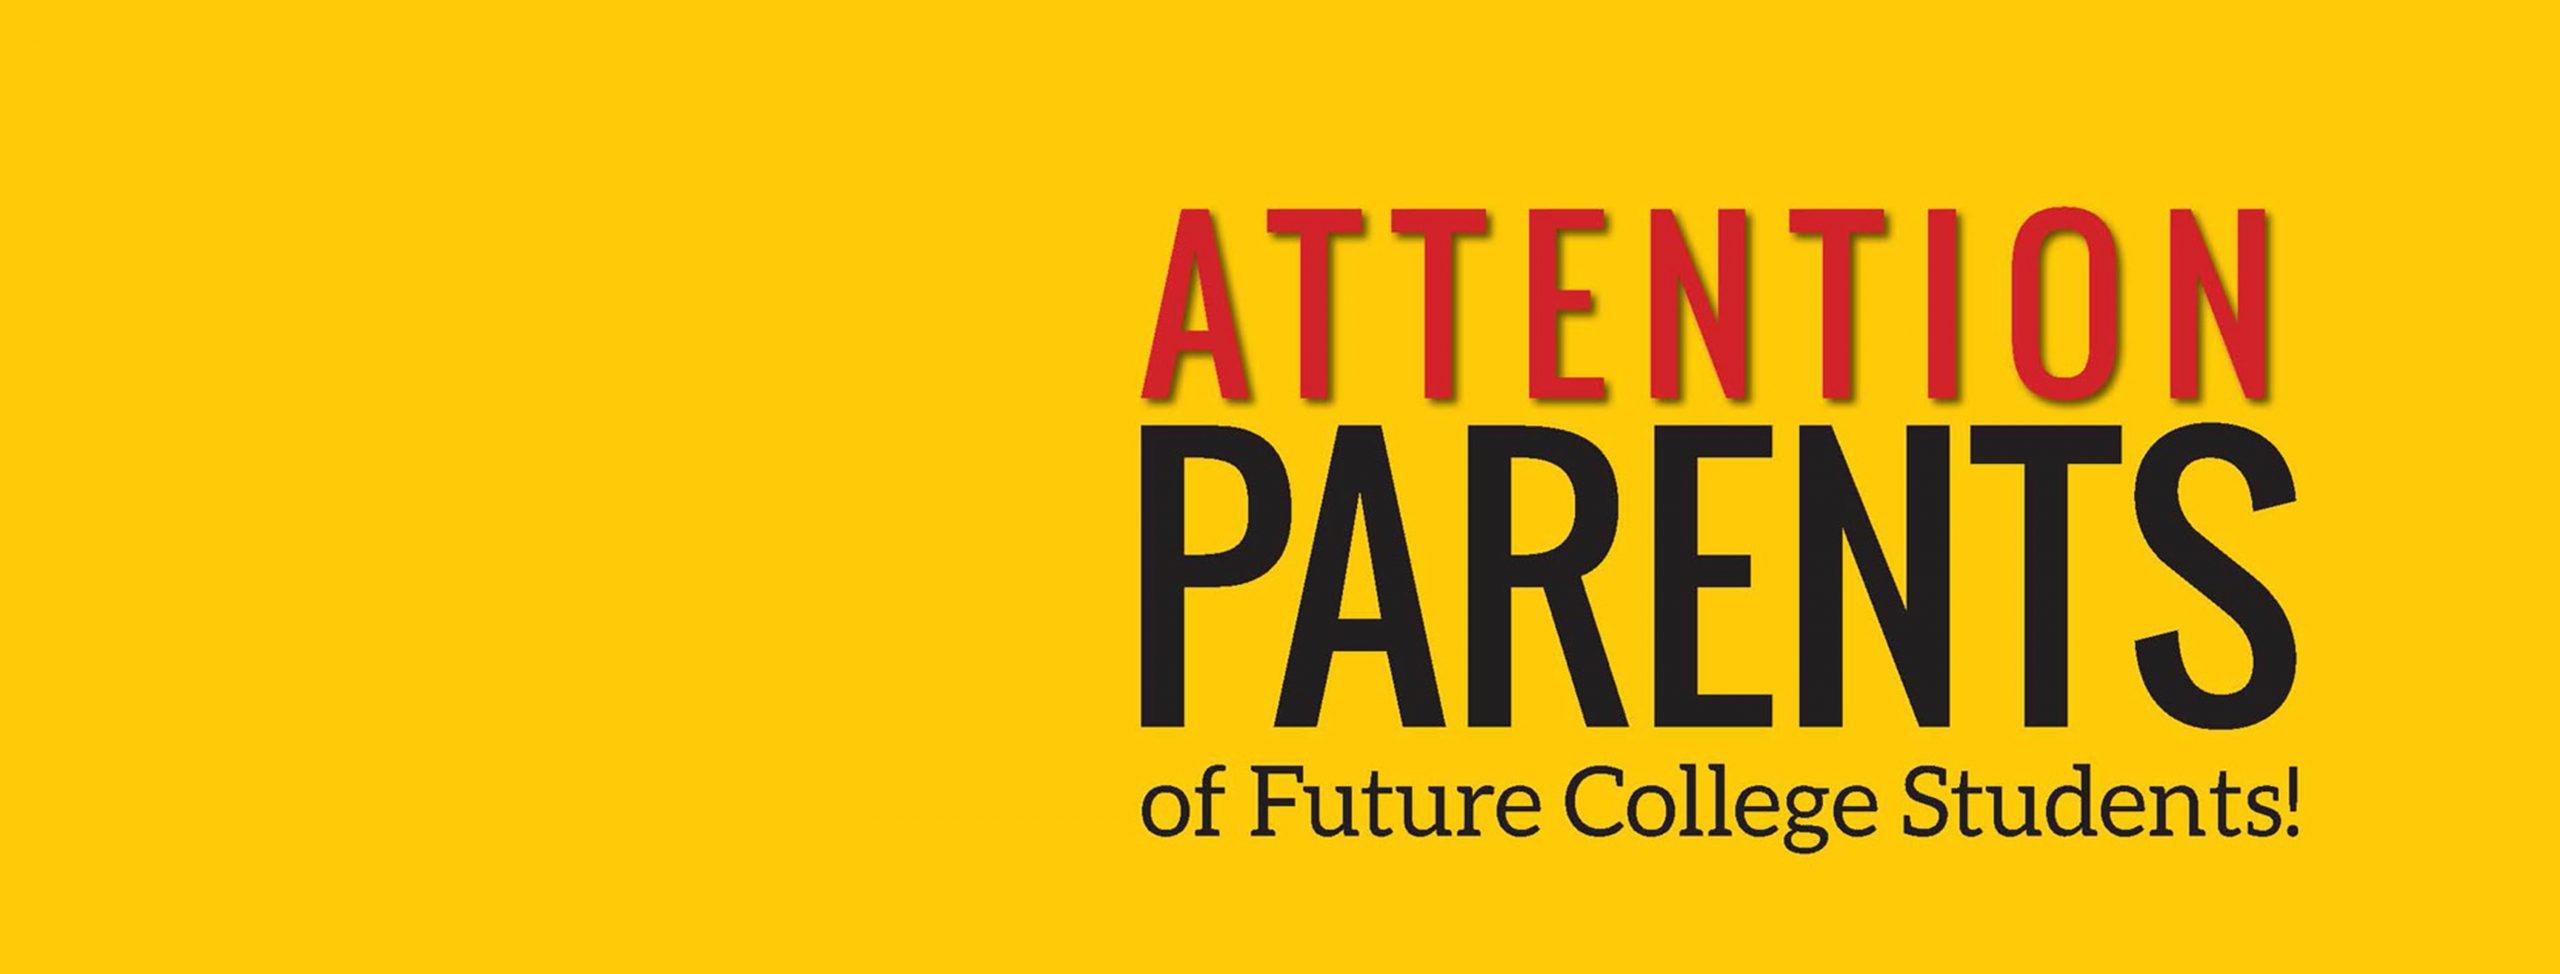 Parent 101 graphic